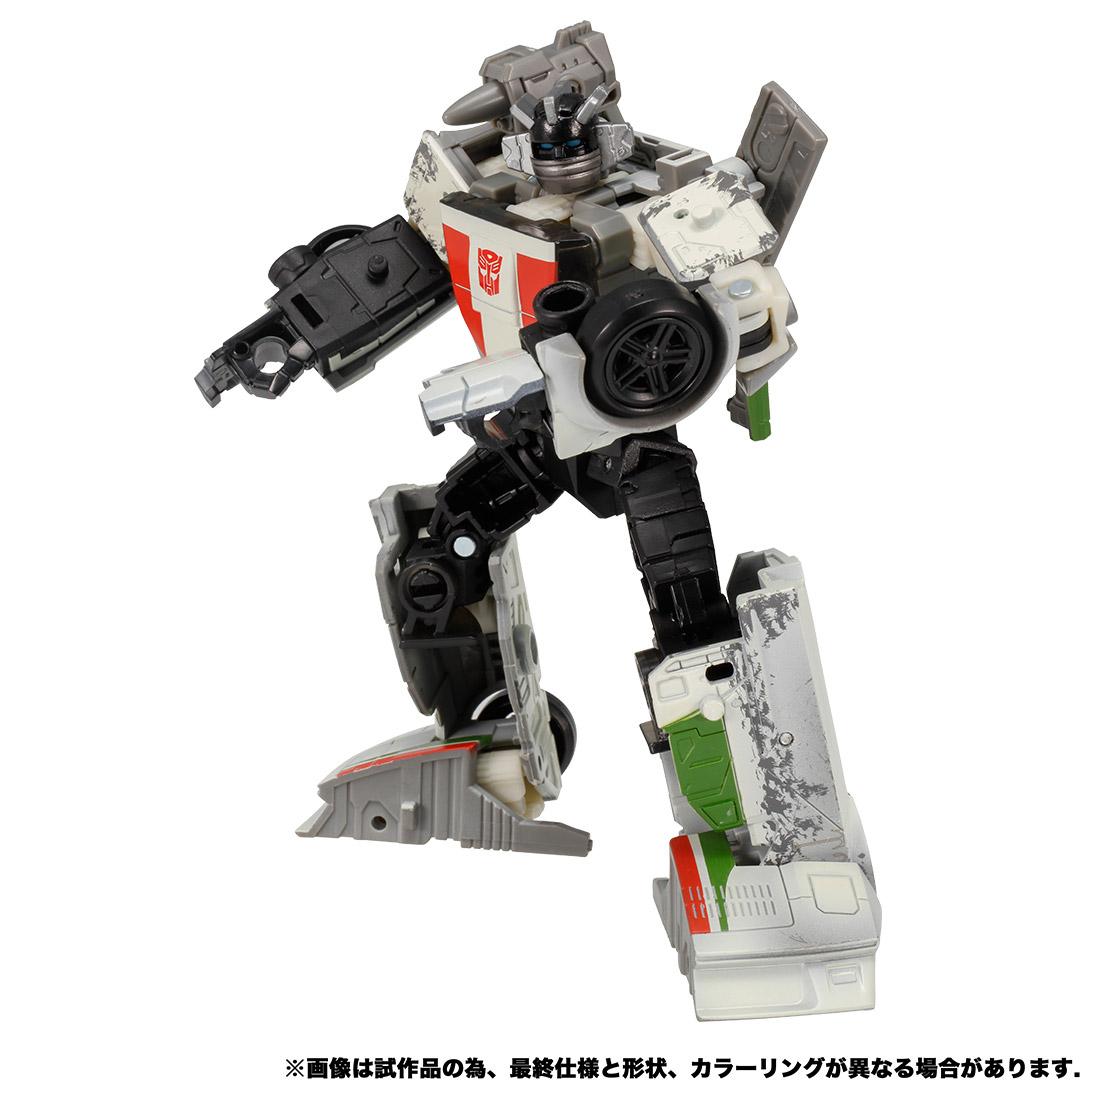 トランスフォーマー ウォーフォーサイバトロン『WFC-12 ホイルジャック』可変可動フィギュア-003